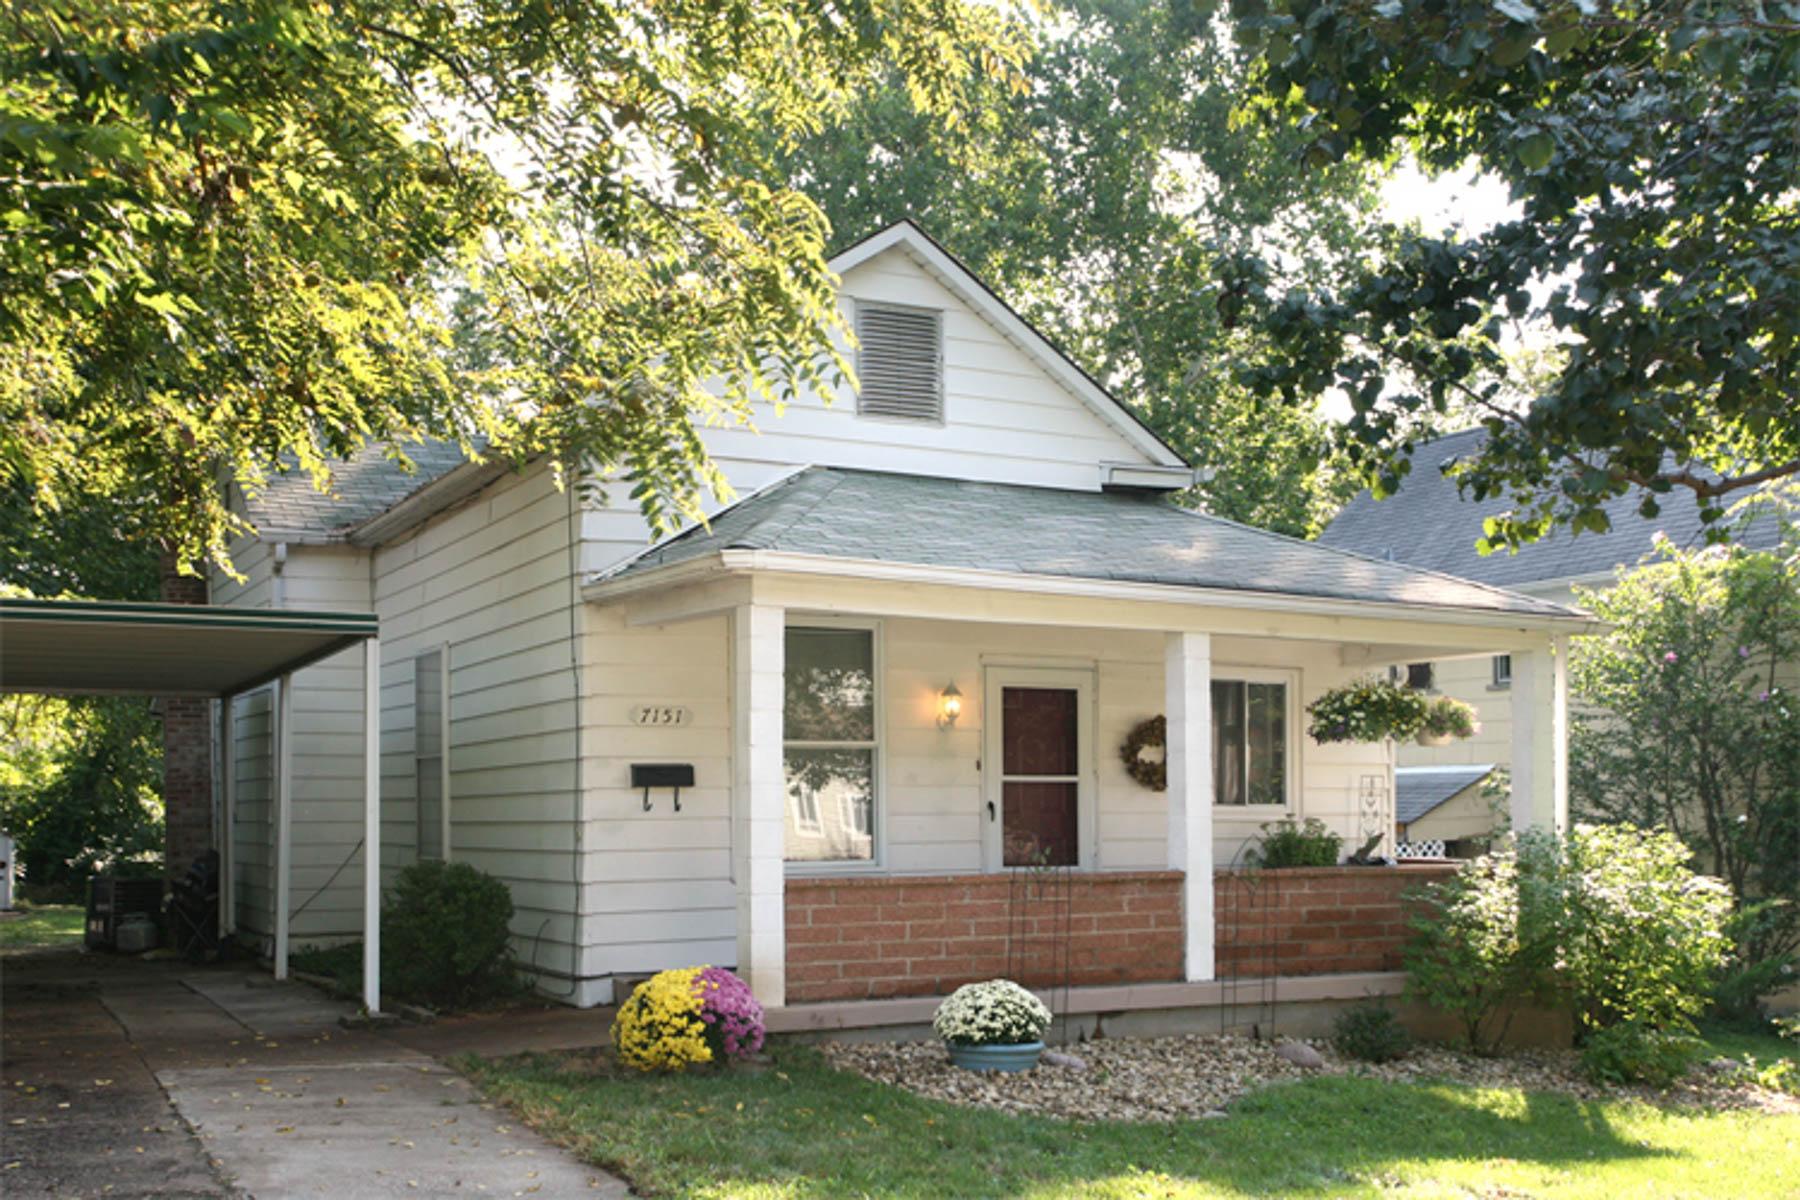 Casa para uma família para Venda às Kensington 7151 Kensington Ave Maplewood, Missouri 63143 Estados Unidos